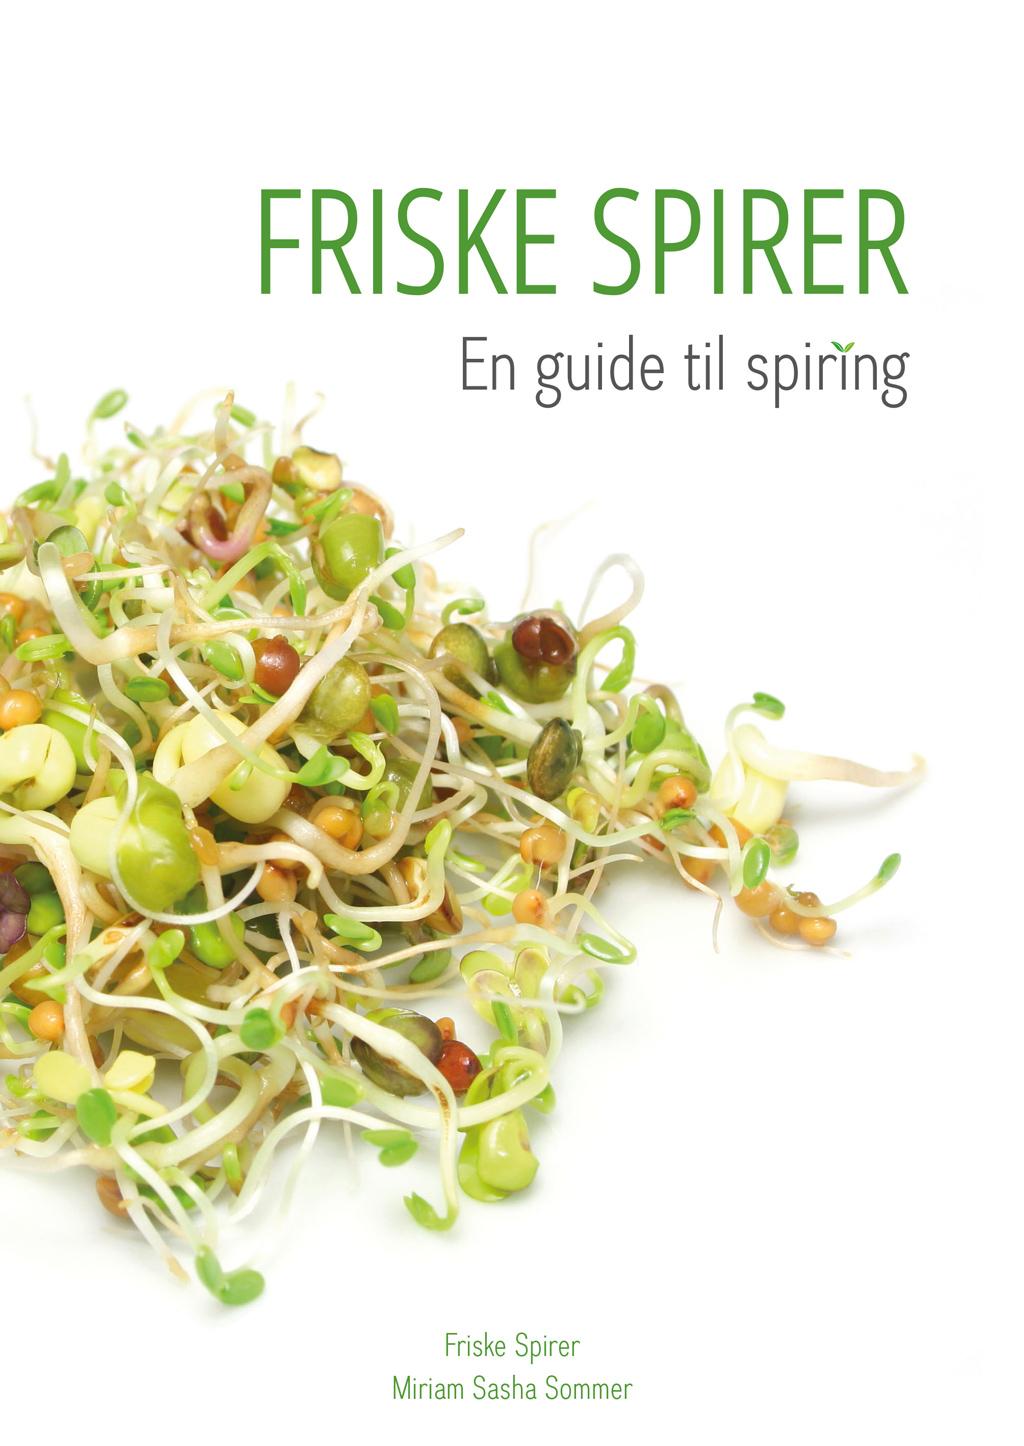 FriskeSpirer_cover-FRISKE-SPIRER